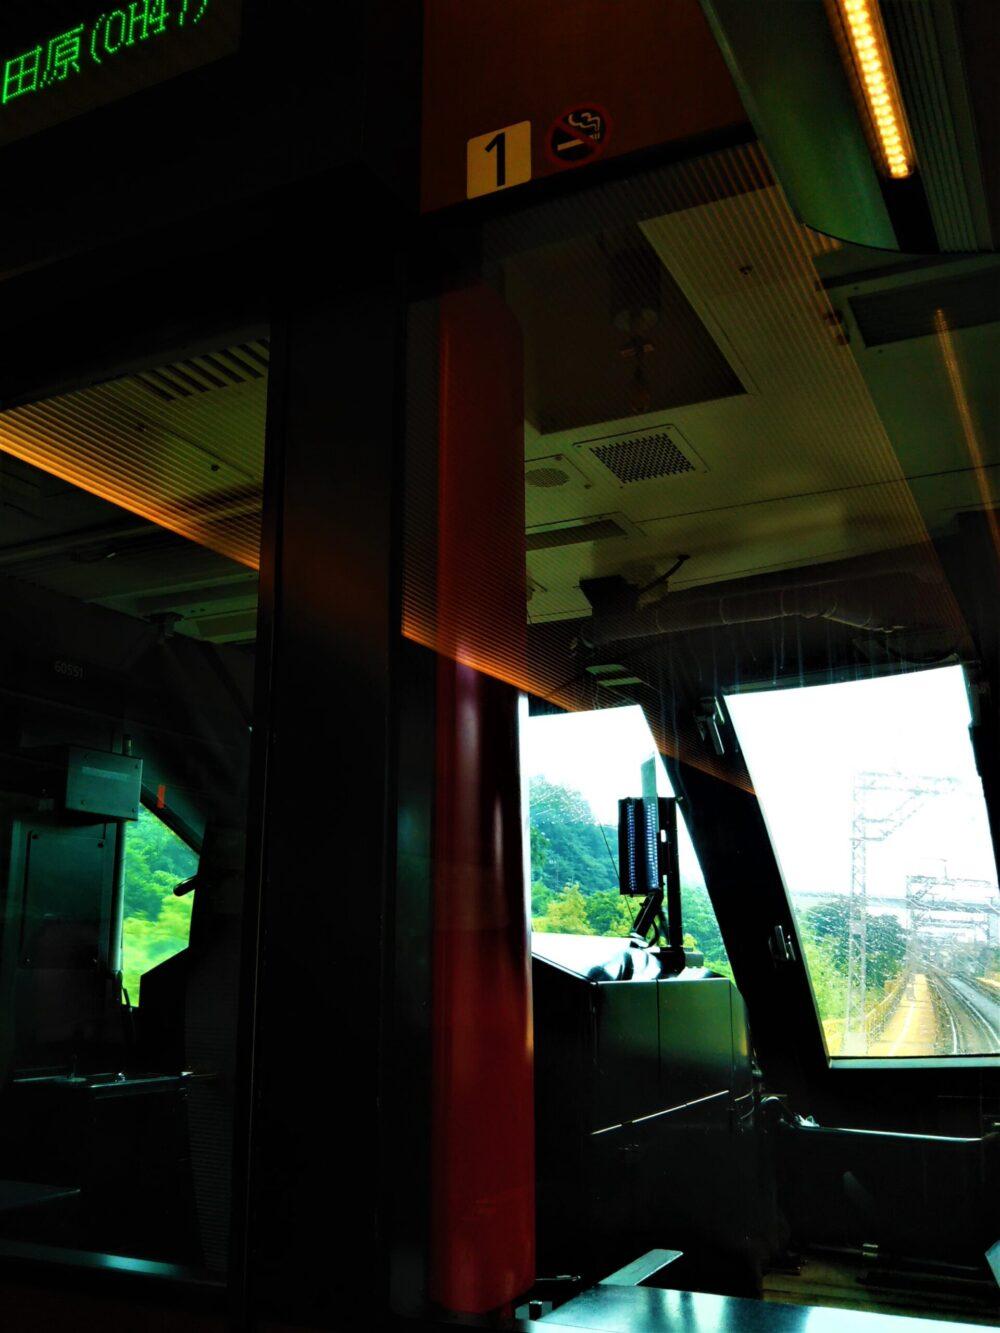 特急ロマンスカーMSEの座席1Dから見える景色